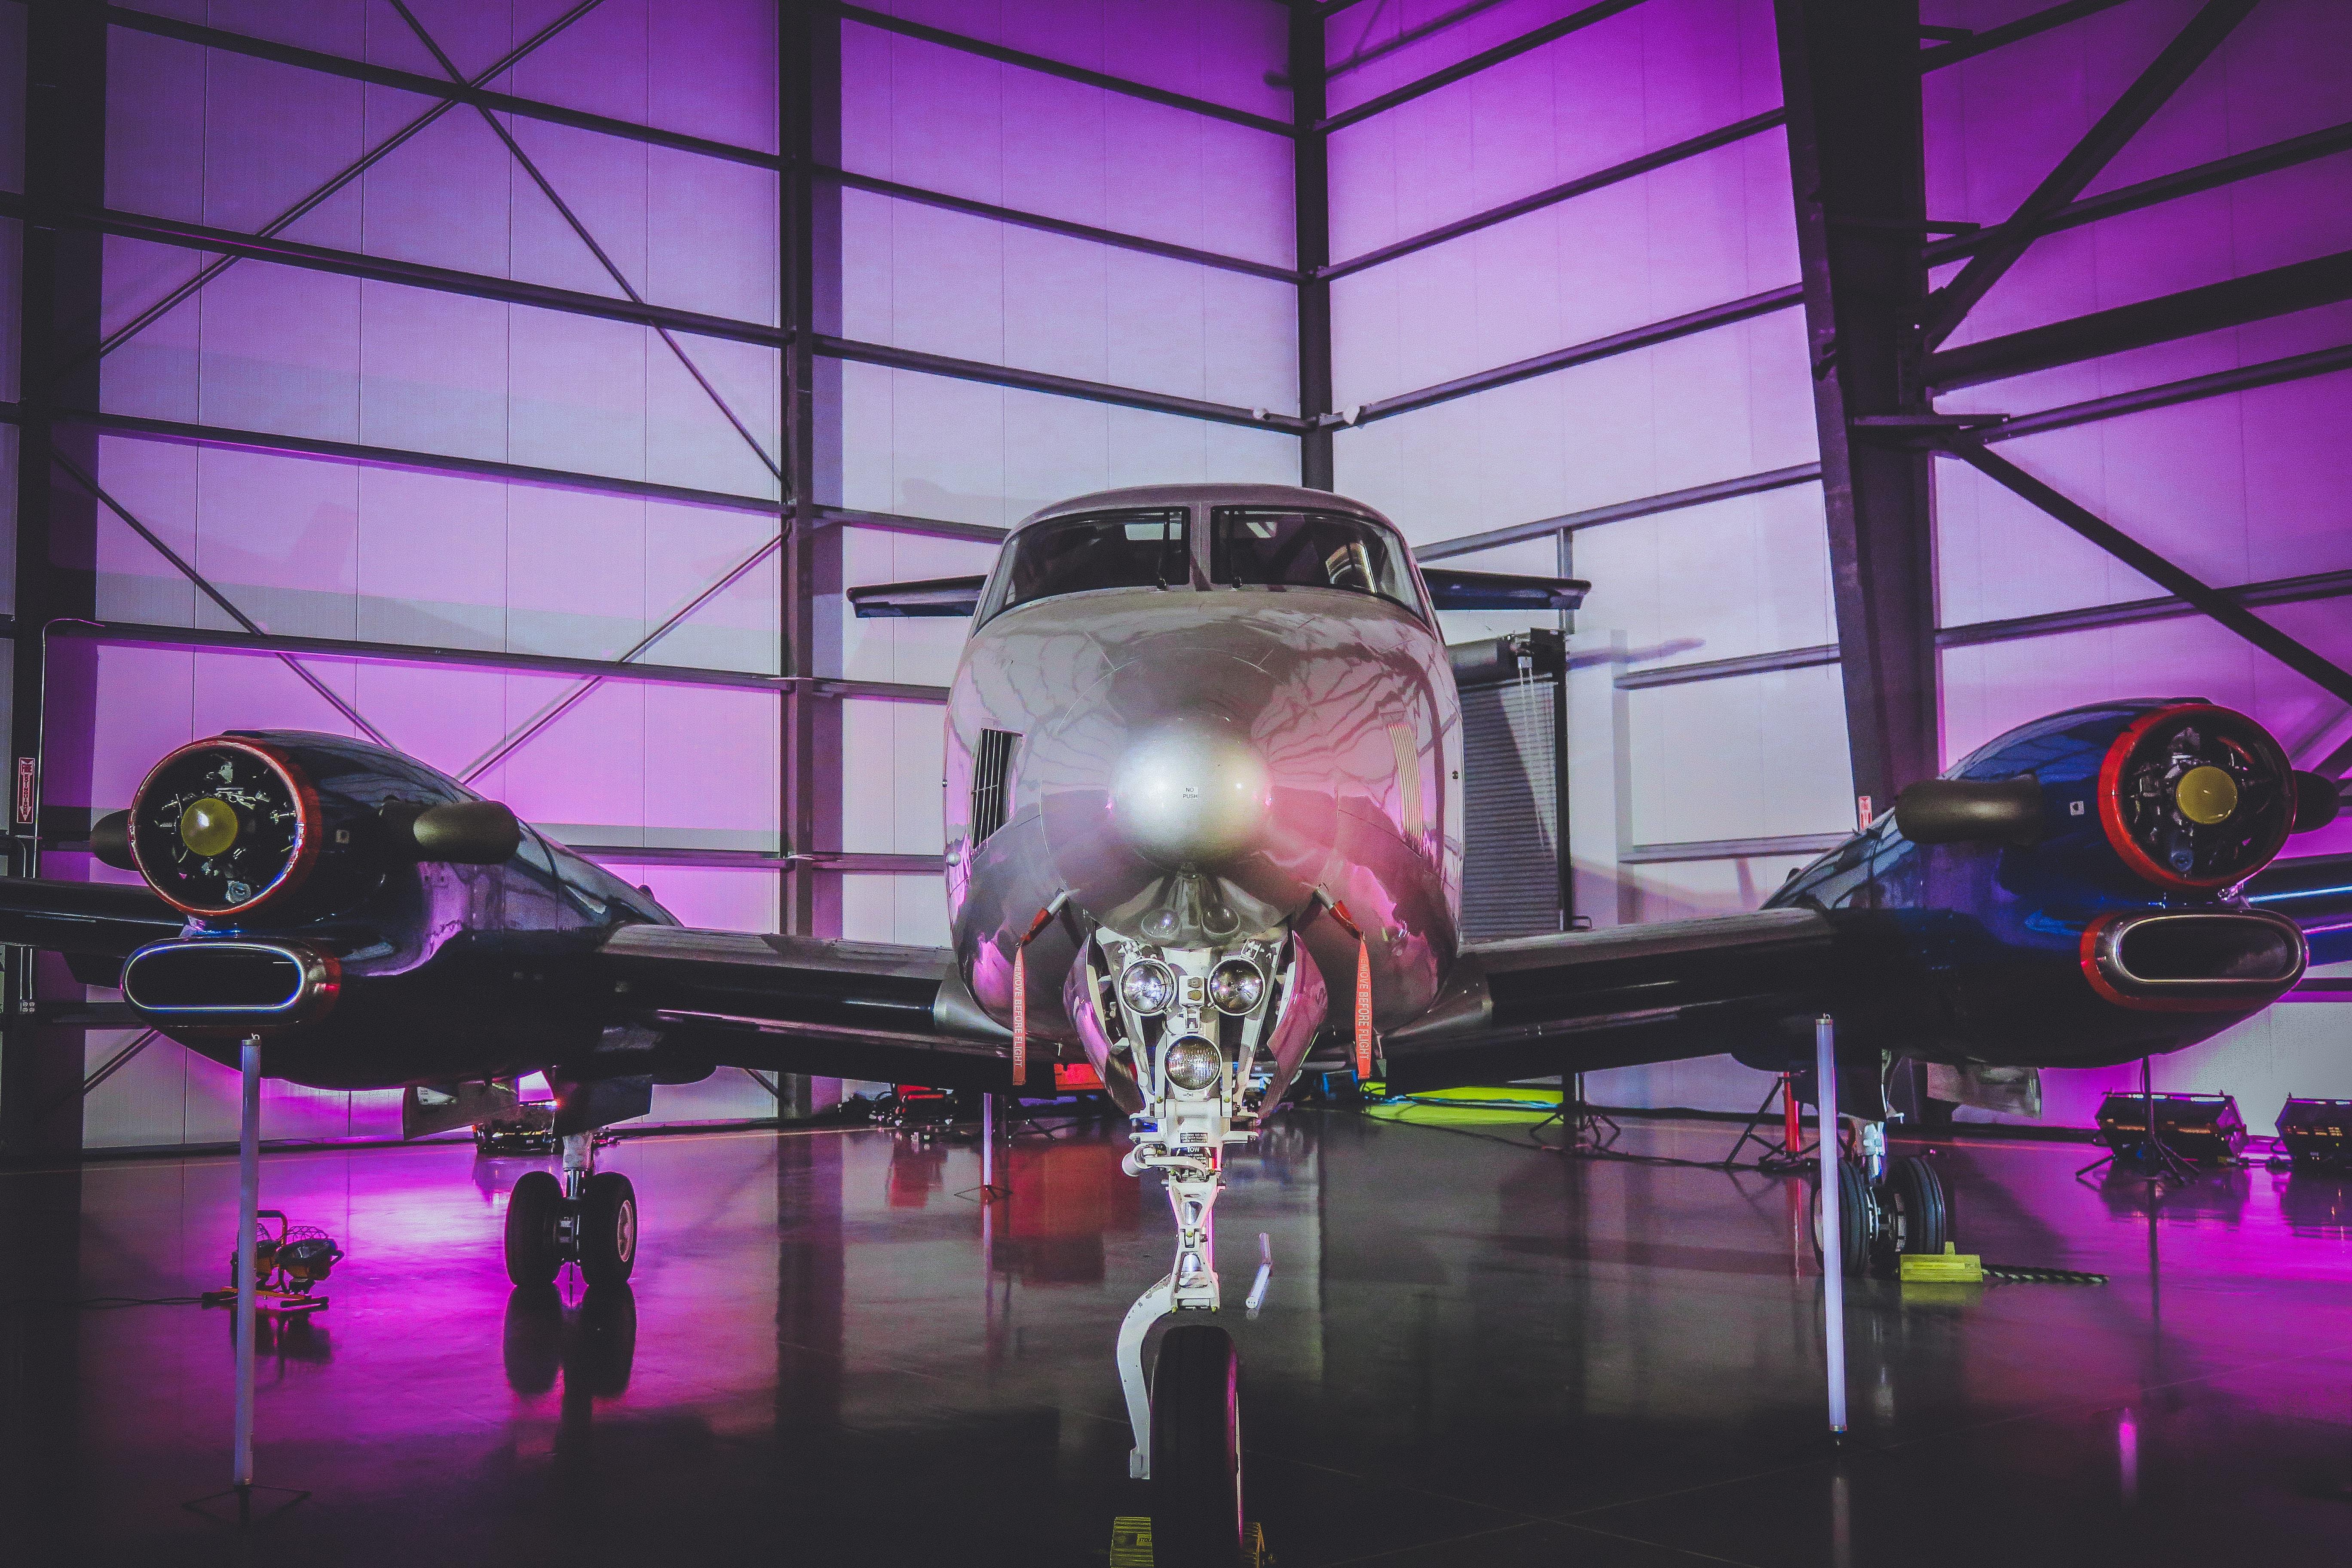 107558 скачать обои Разное, Самолет, Вид Спереди, Летательный Аппарат, Транспорт - заставки и картинки бесплатно